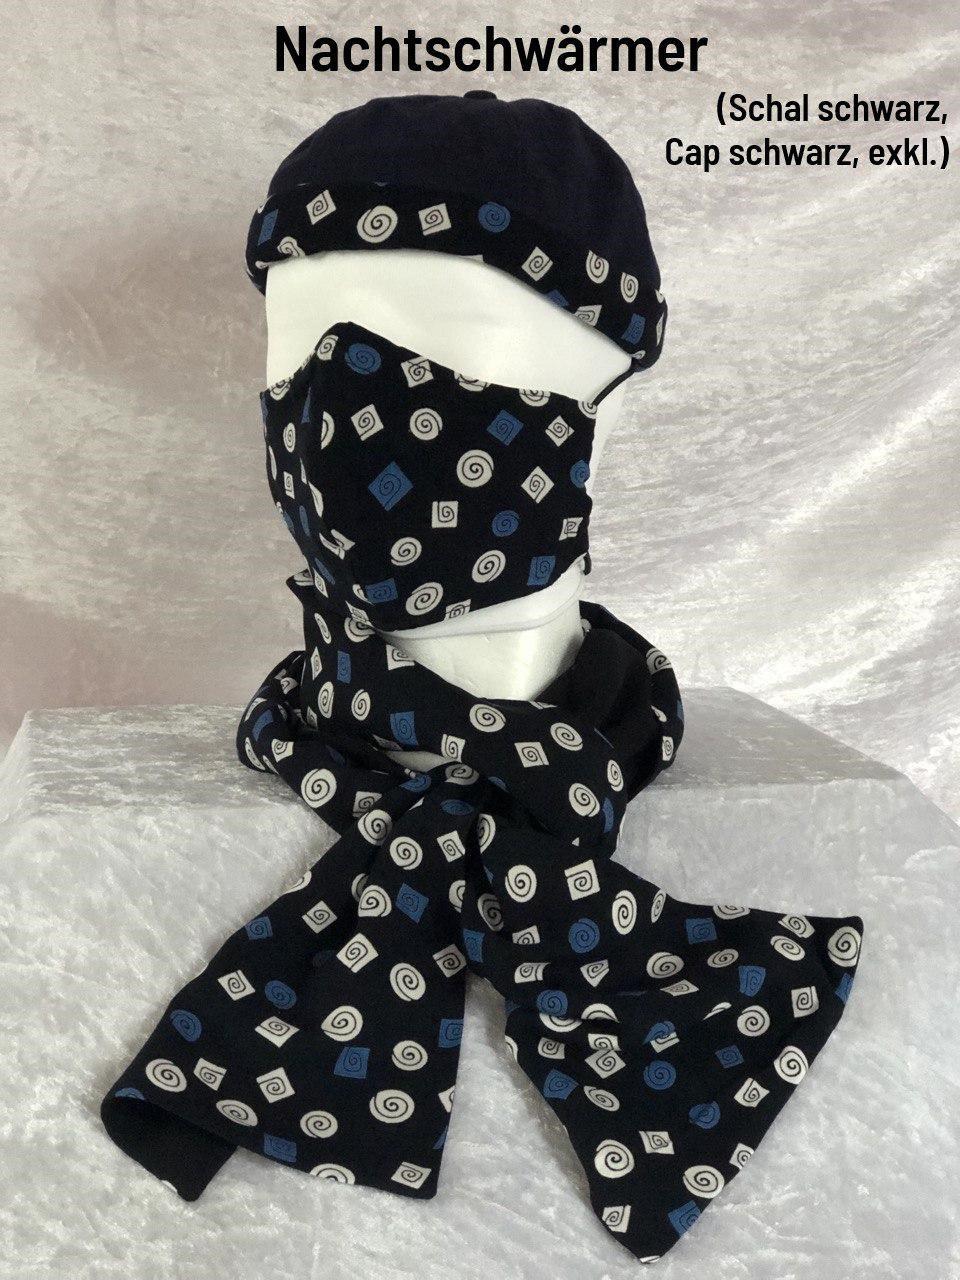 C1  - Maske + Schal + Cap schwarz exklusiv